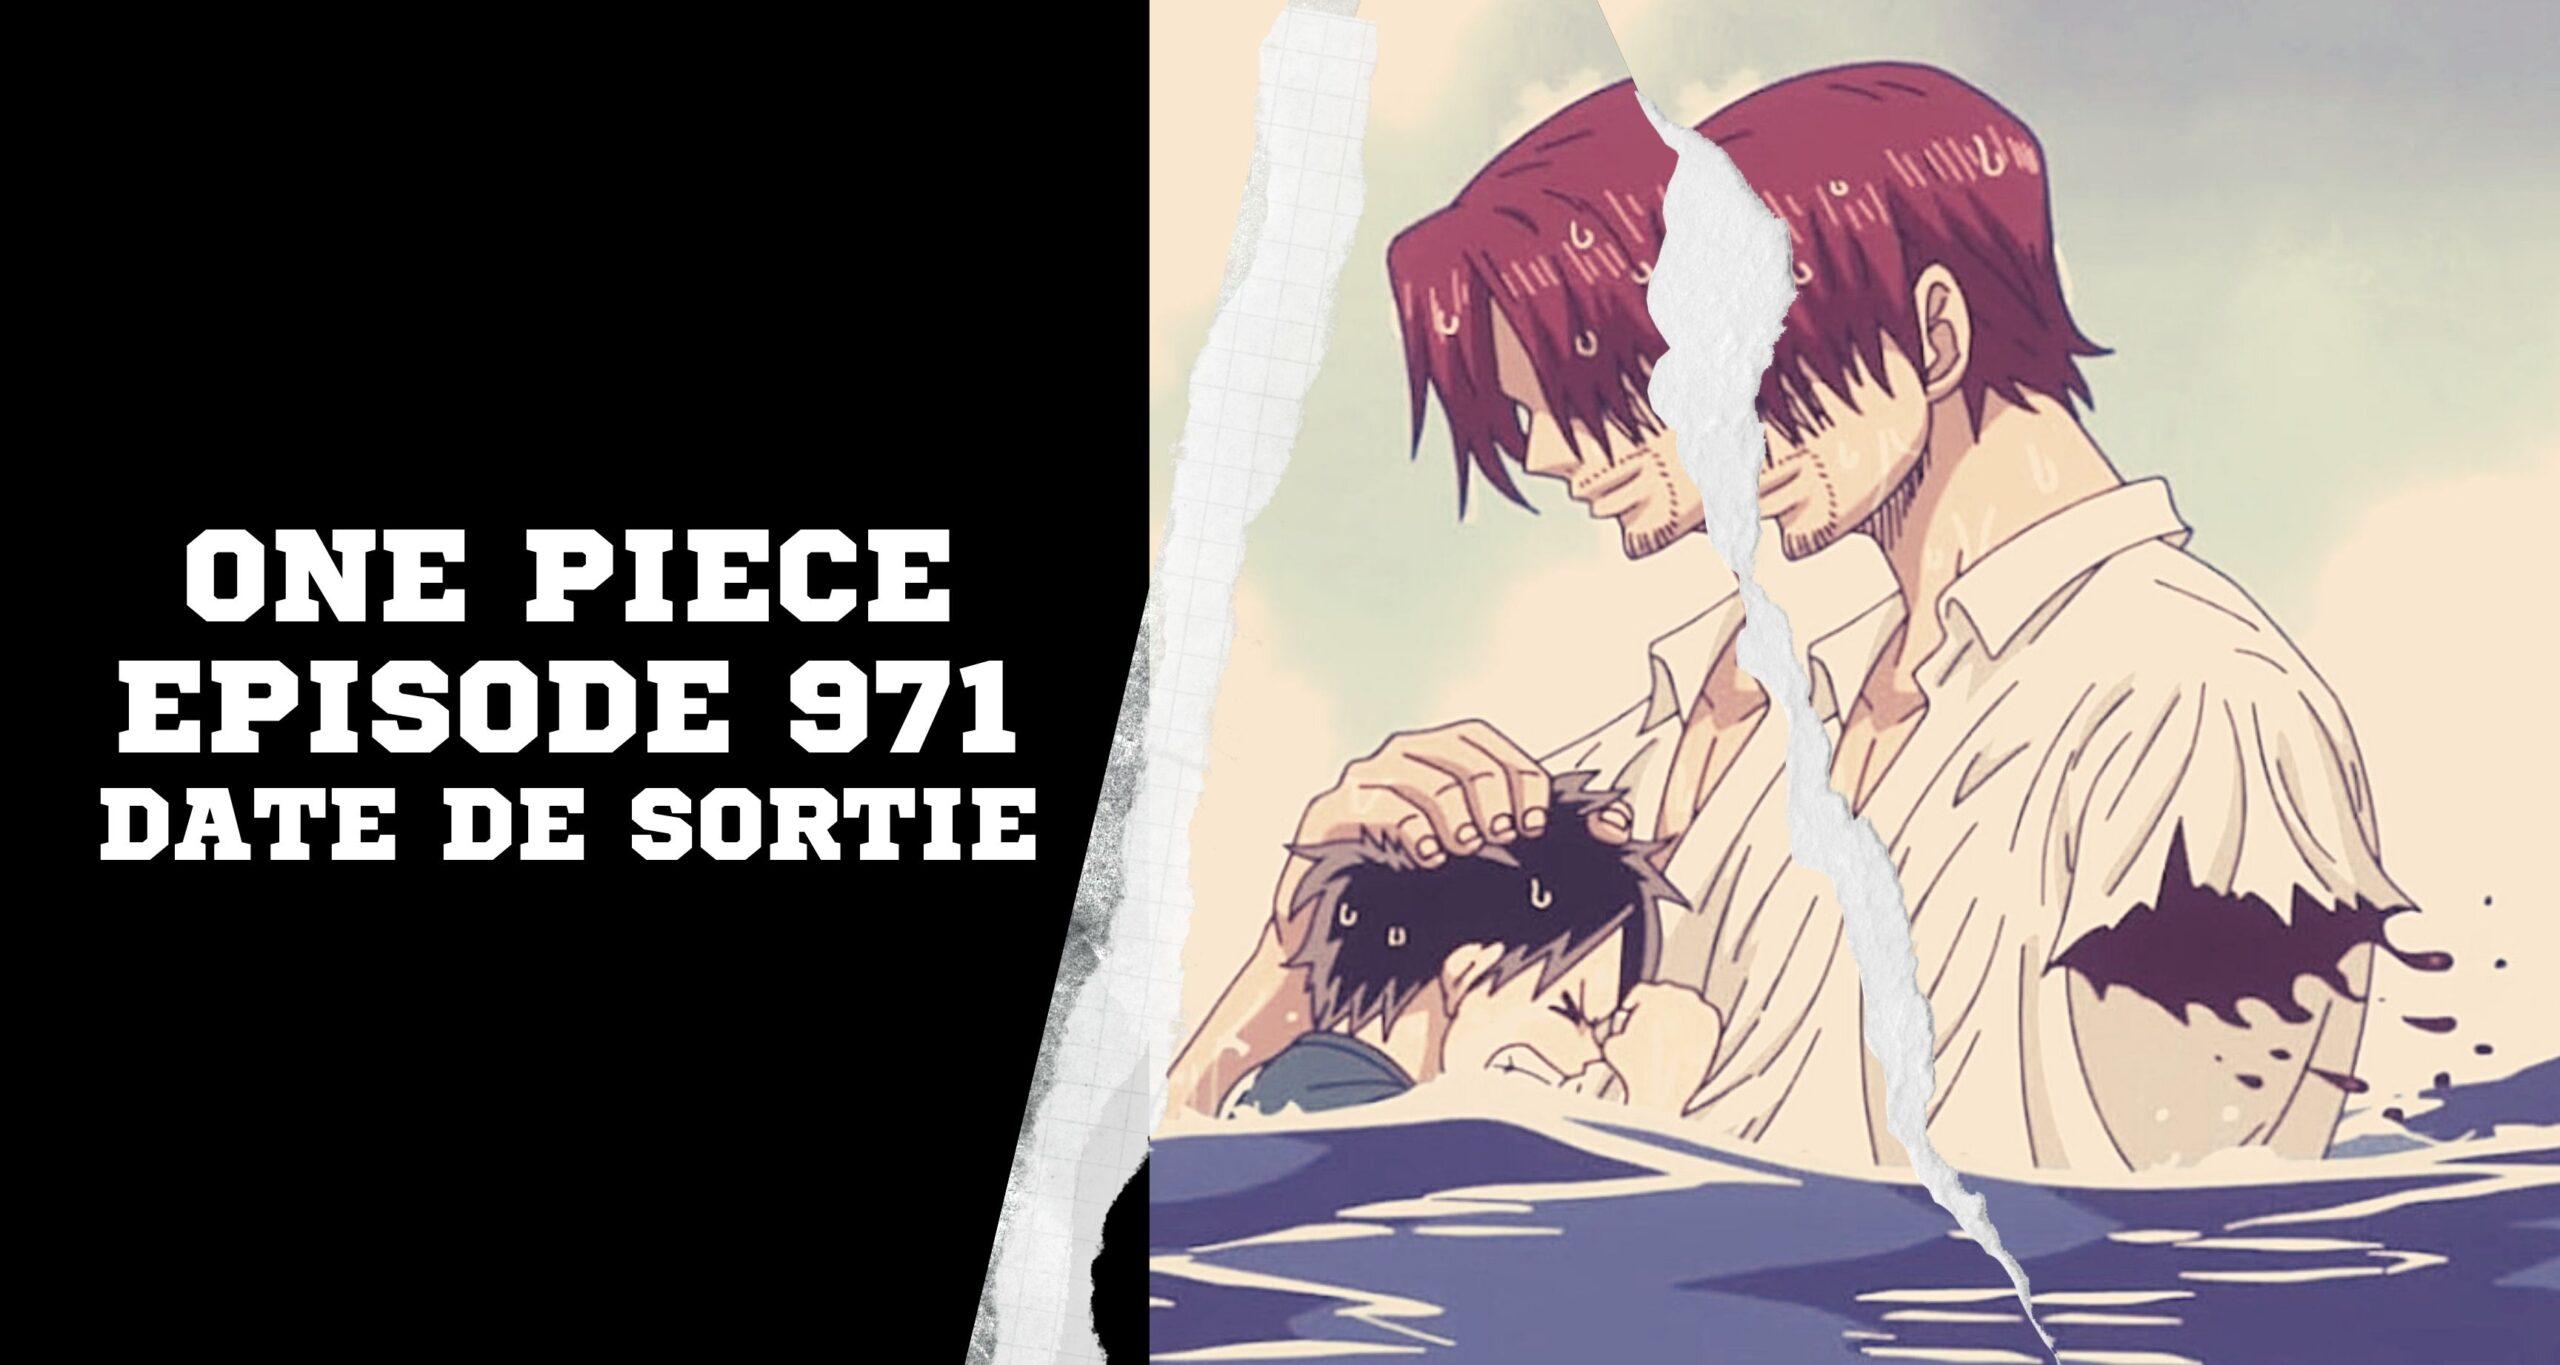 One Piece Episode 971